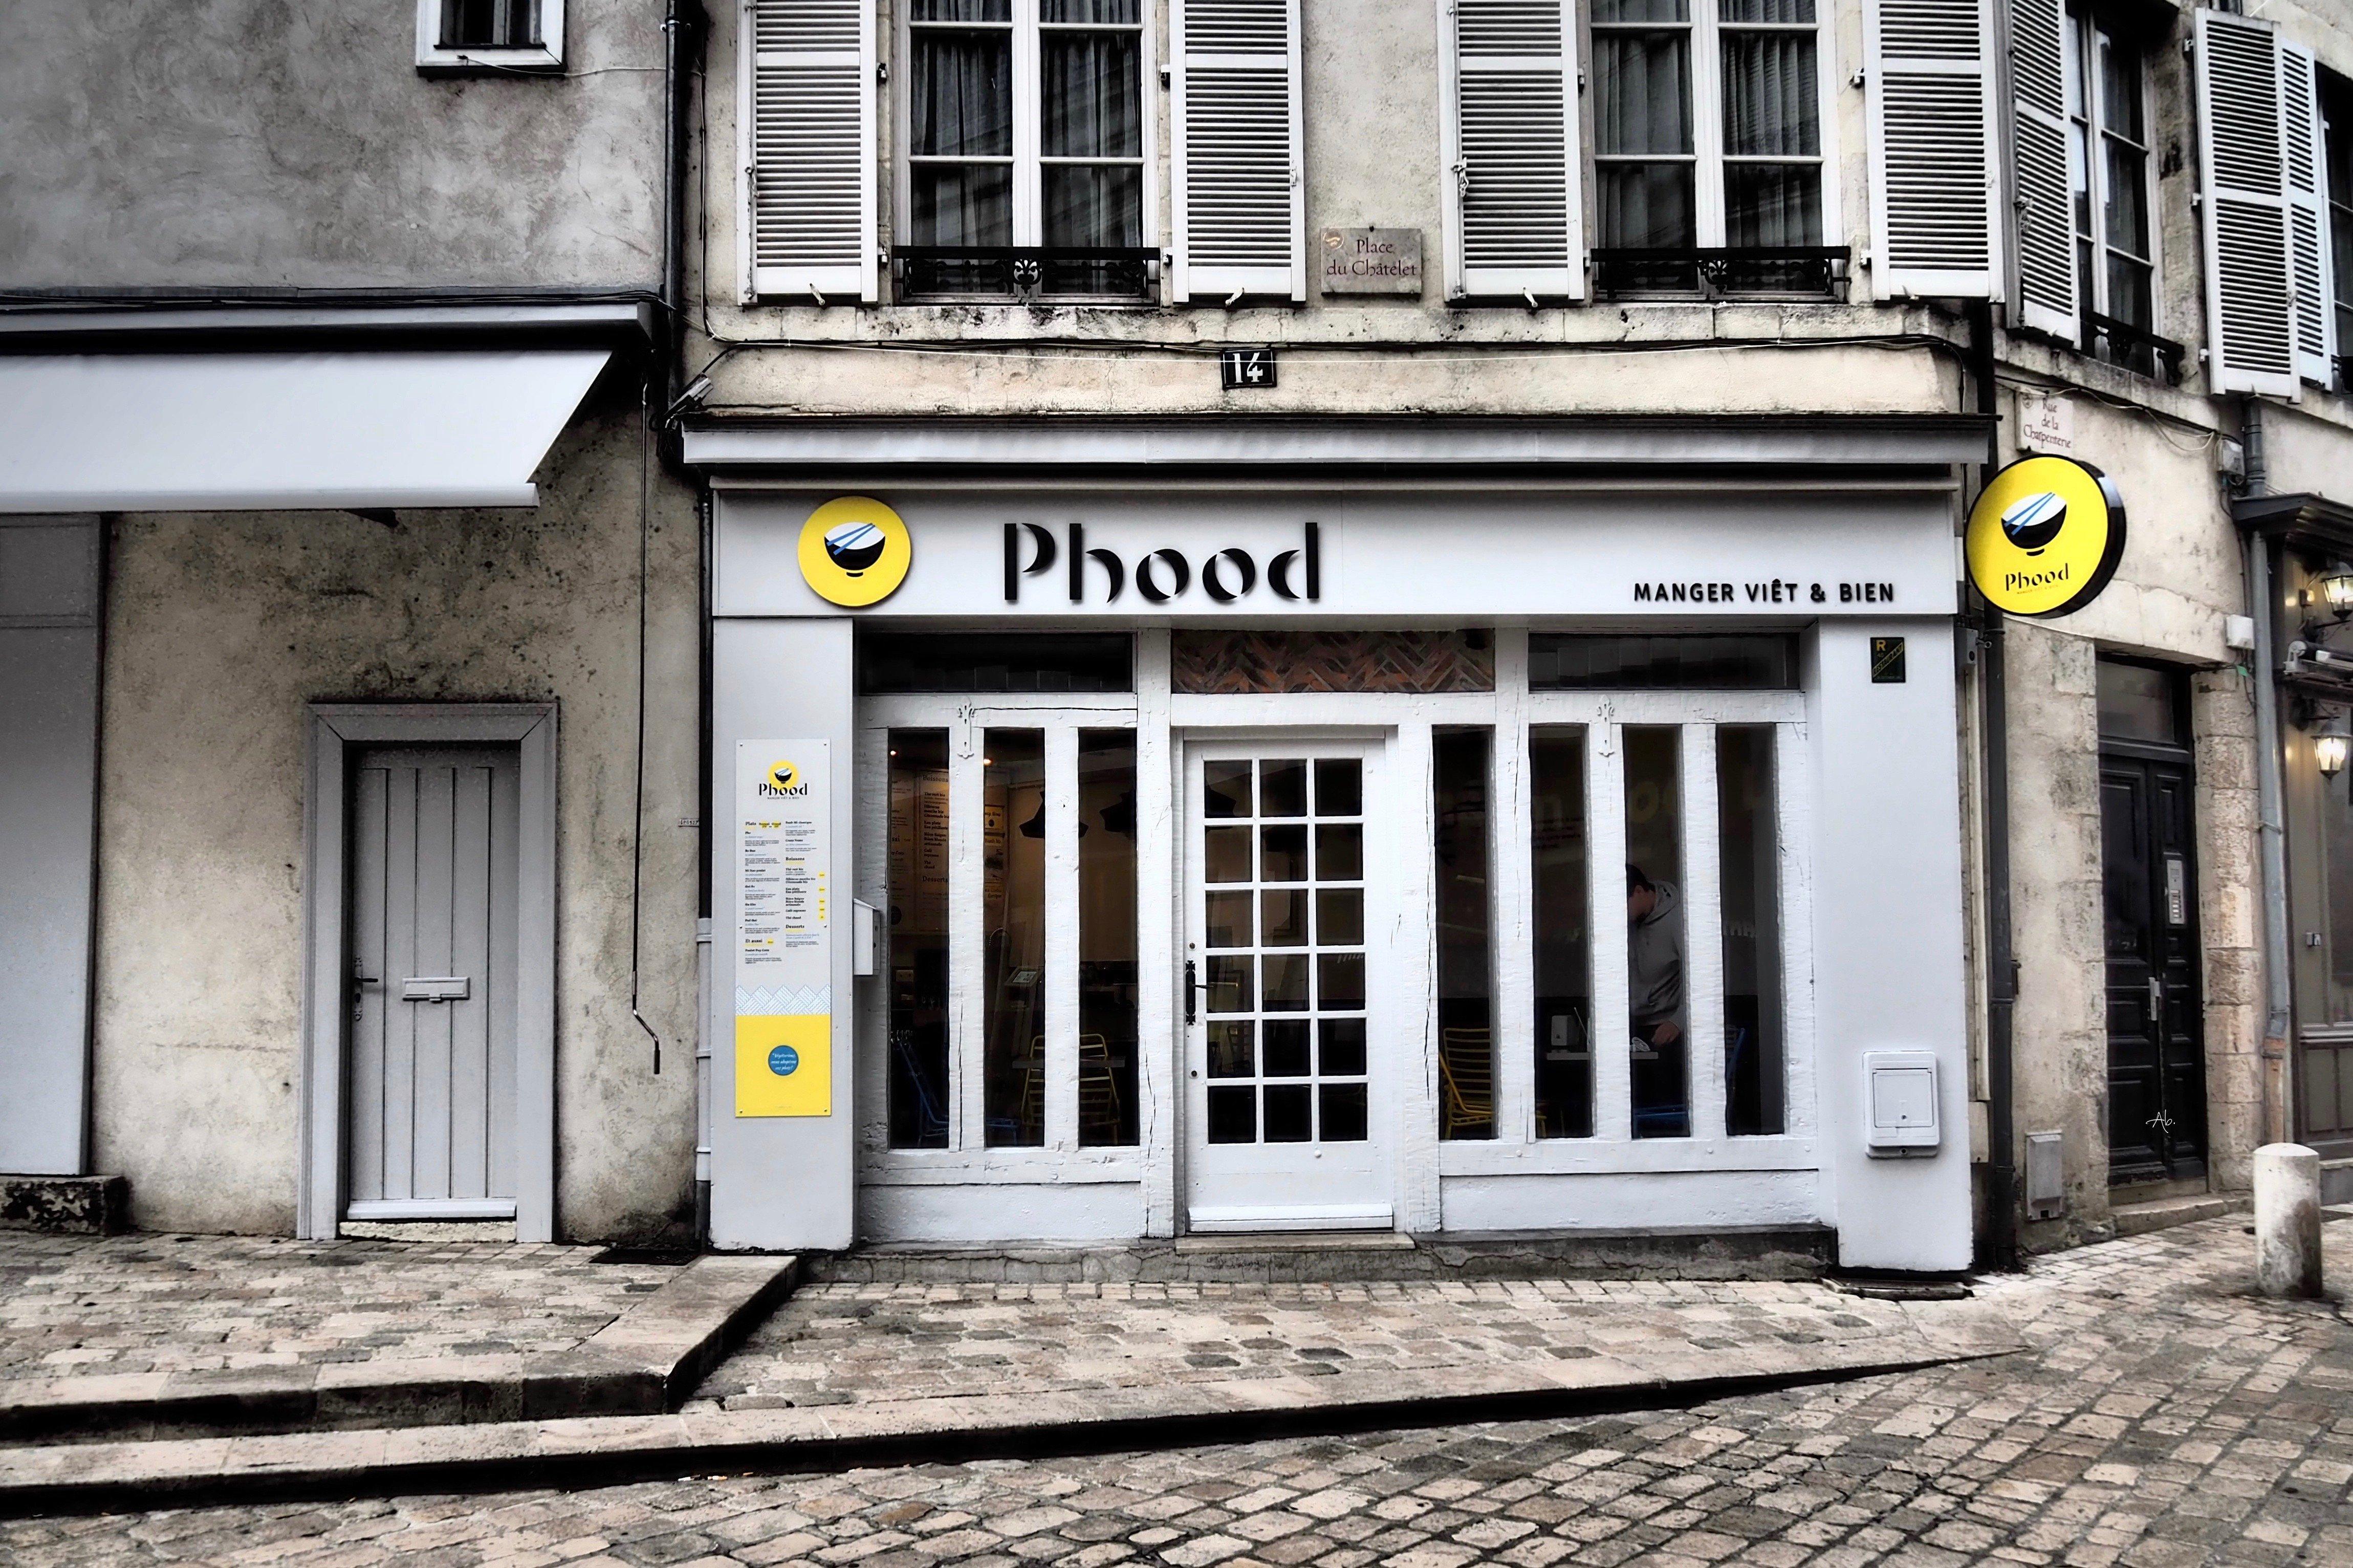 Chez Phood, on mange Viet ... et bien ! 2